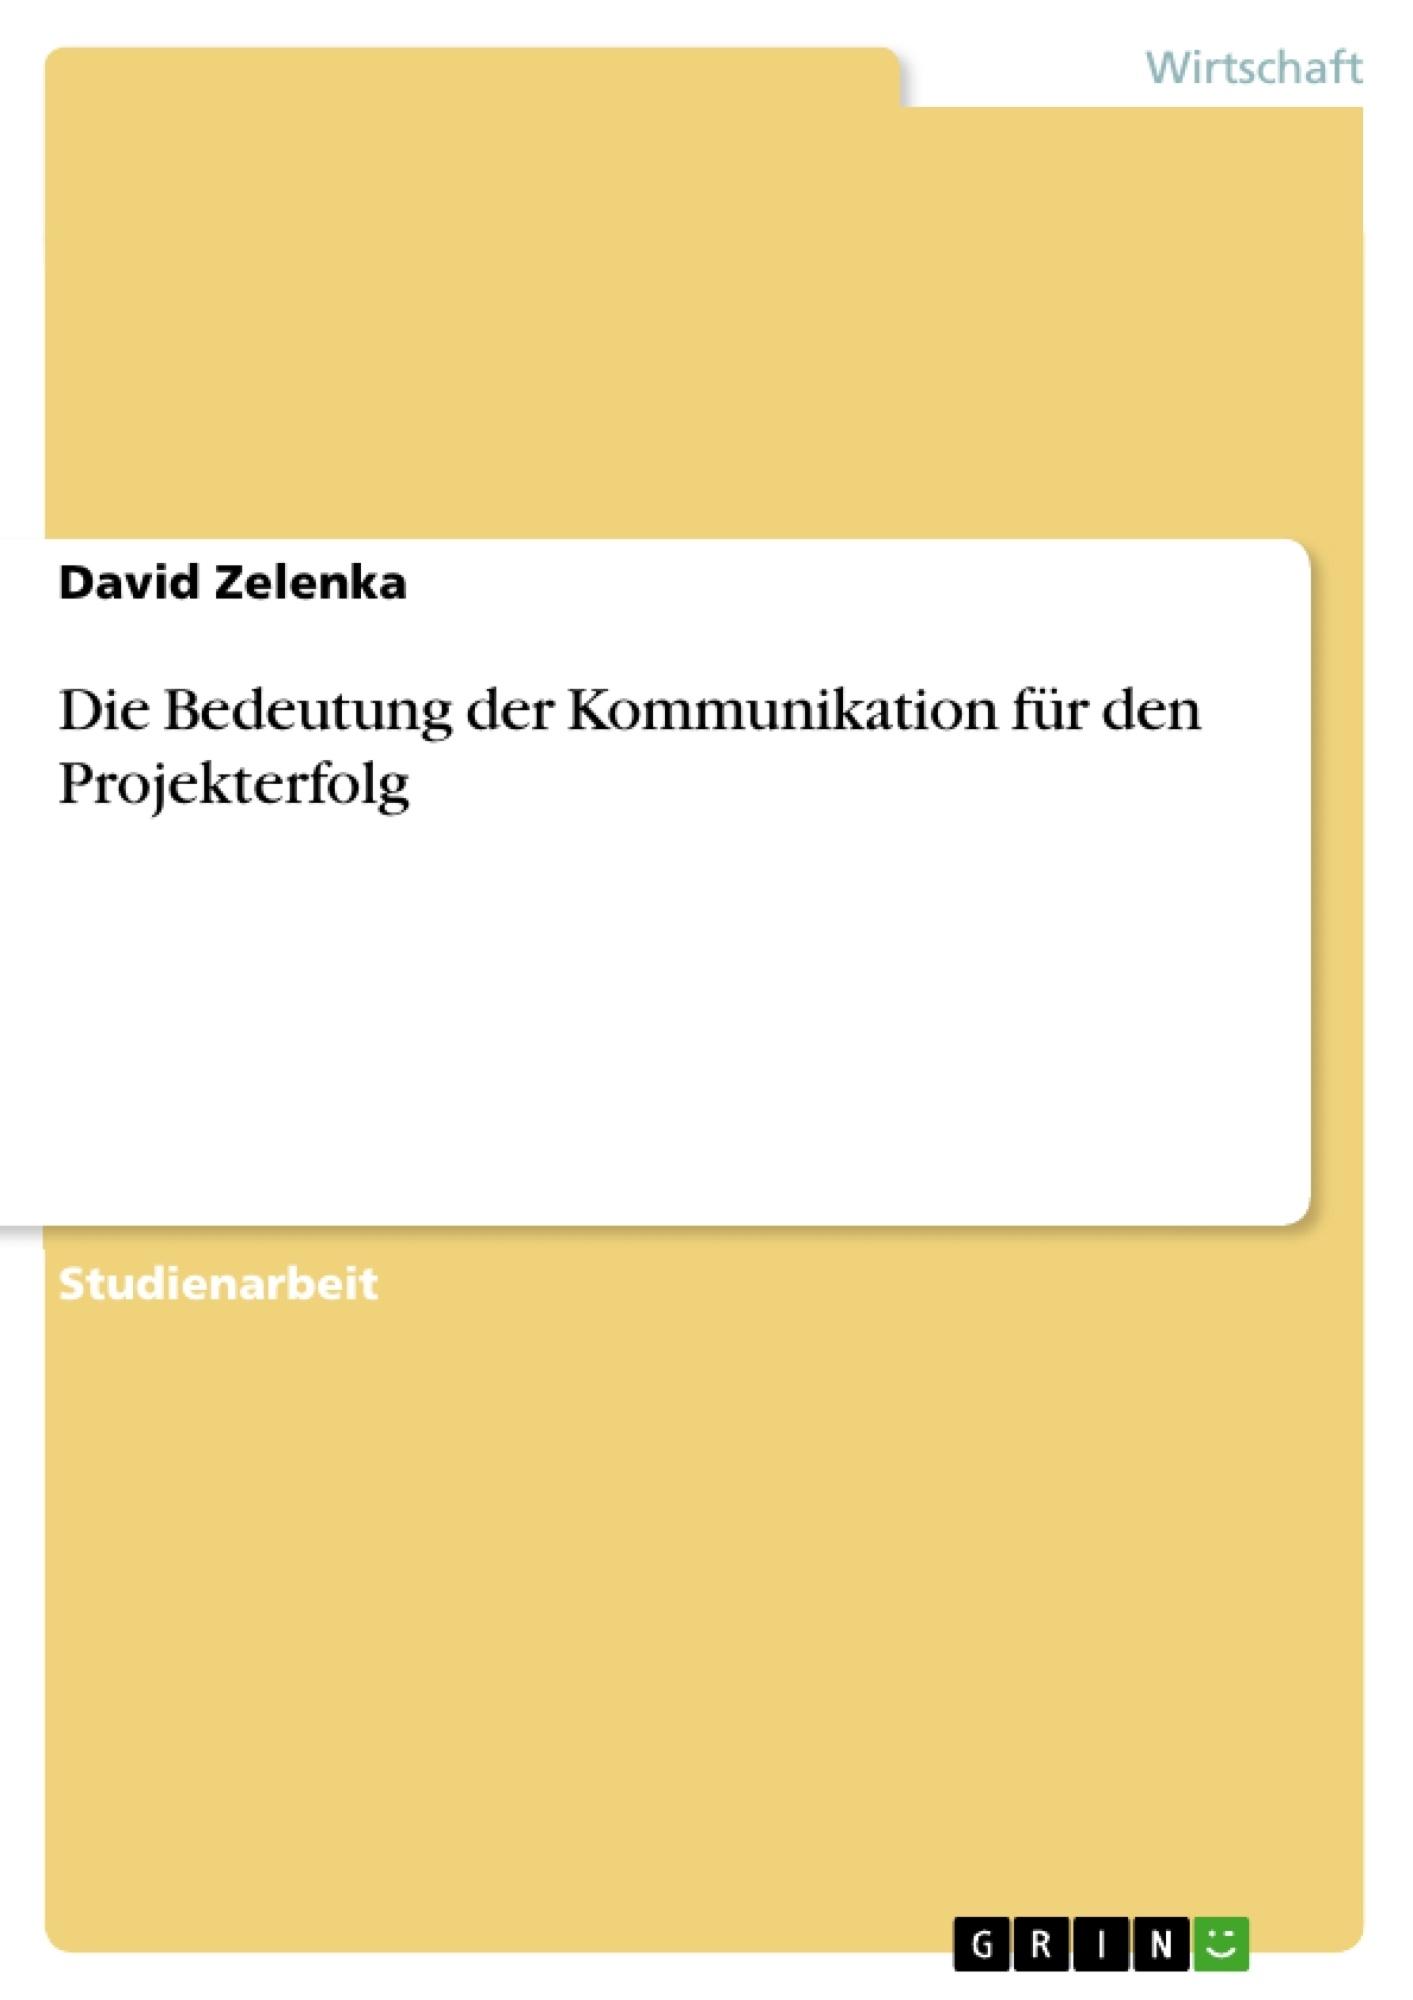 Titel: Die Bedeutung der Kommunikation für den Projekterfolg